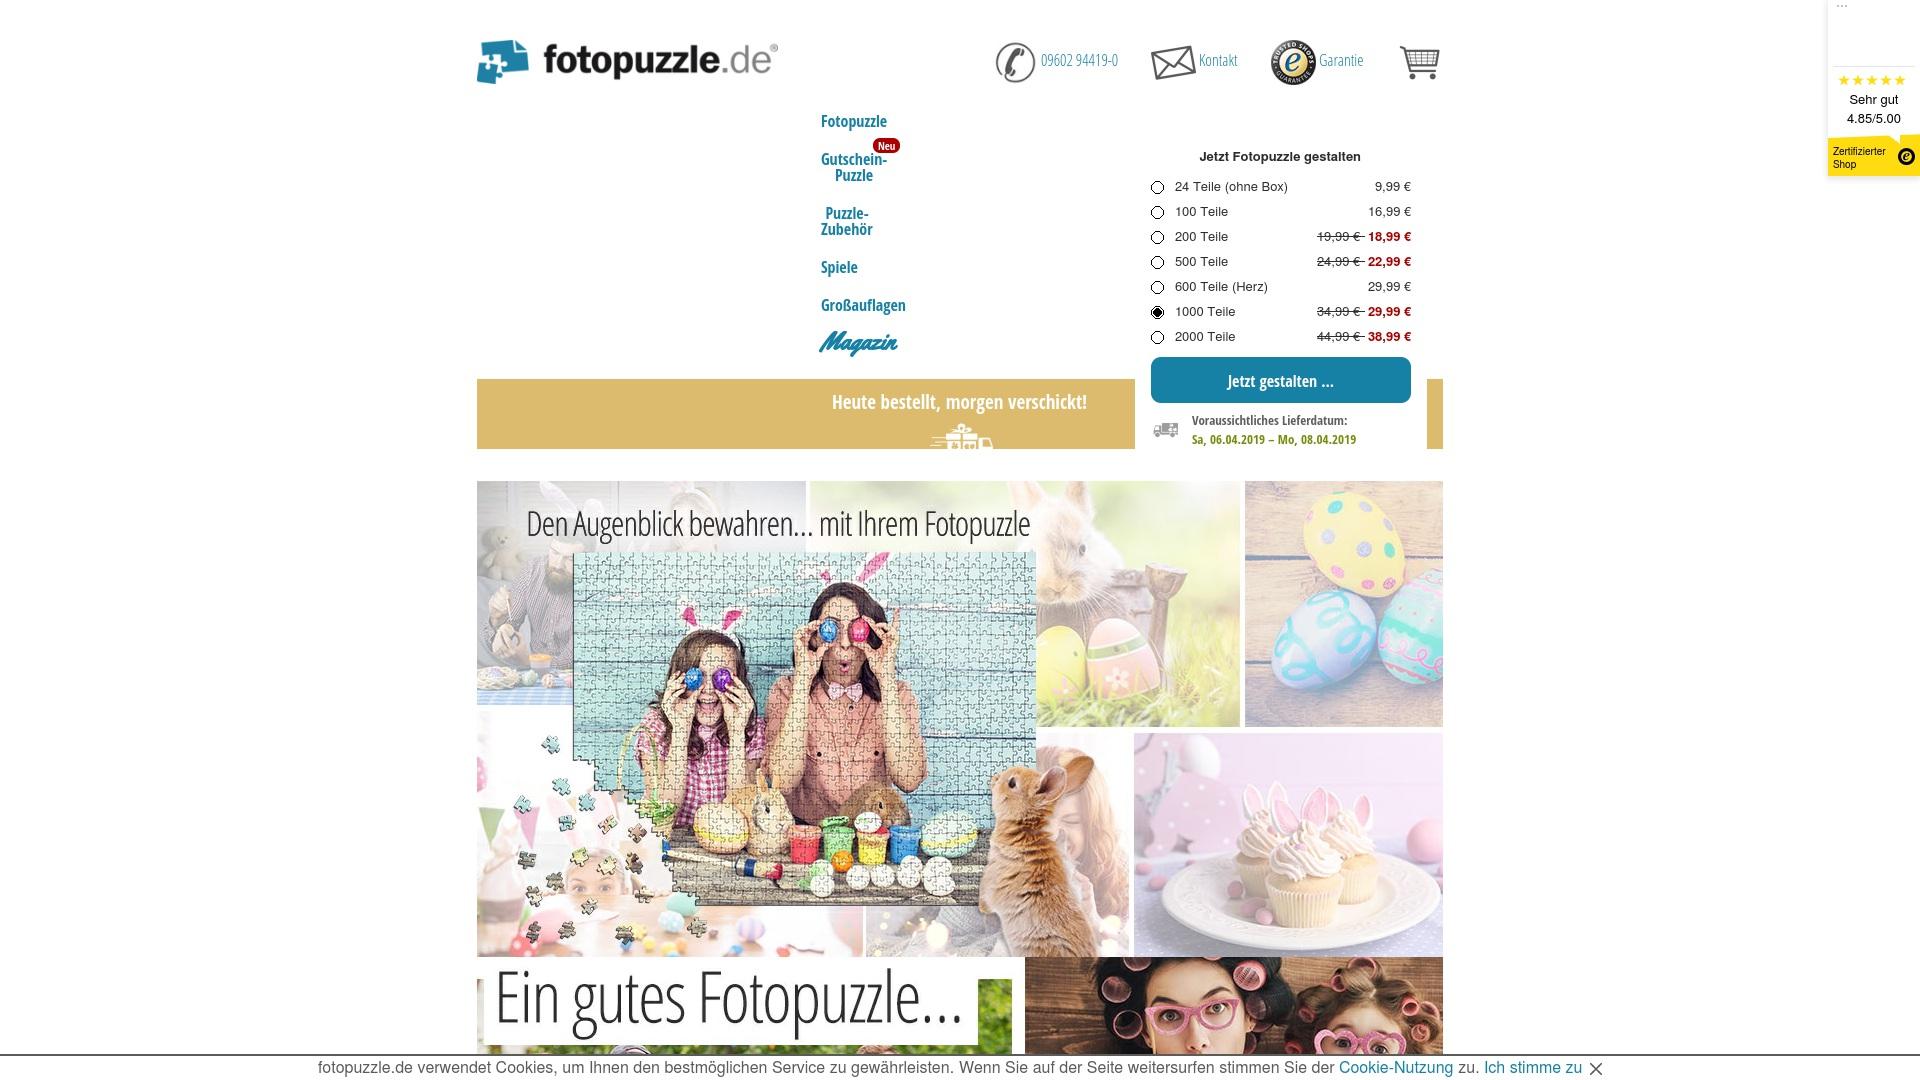 Geld zurück bei Fotopuzzle: Jetzt im Mai 2021 Cashback für Fotopuzzle sichern